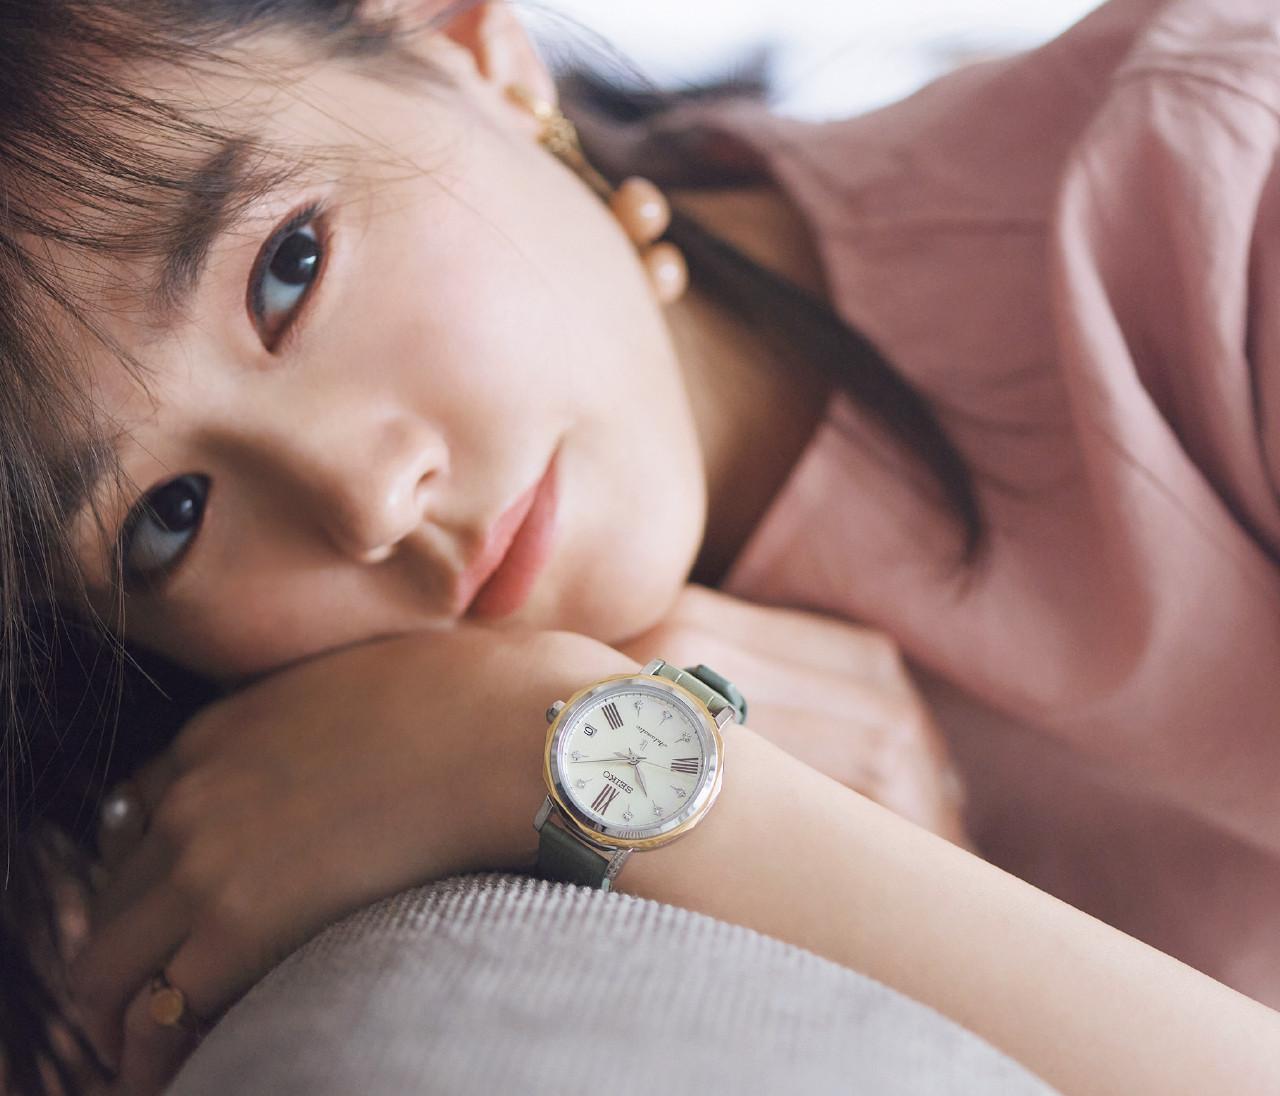 【ルキア、シチズン、ピエール・ラニエ】普段使いにぴったりな新作時計【桐谷美玲の30代名品時計9】